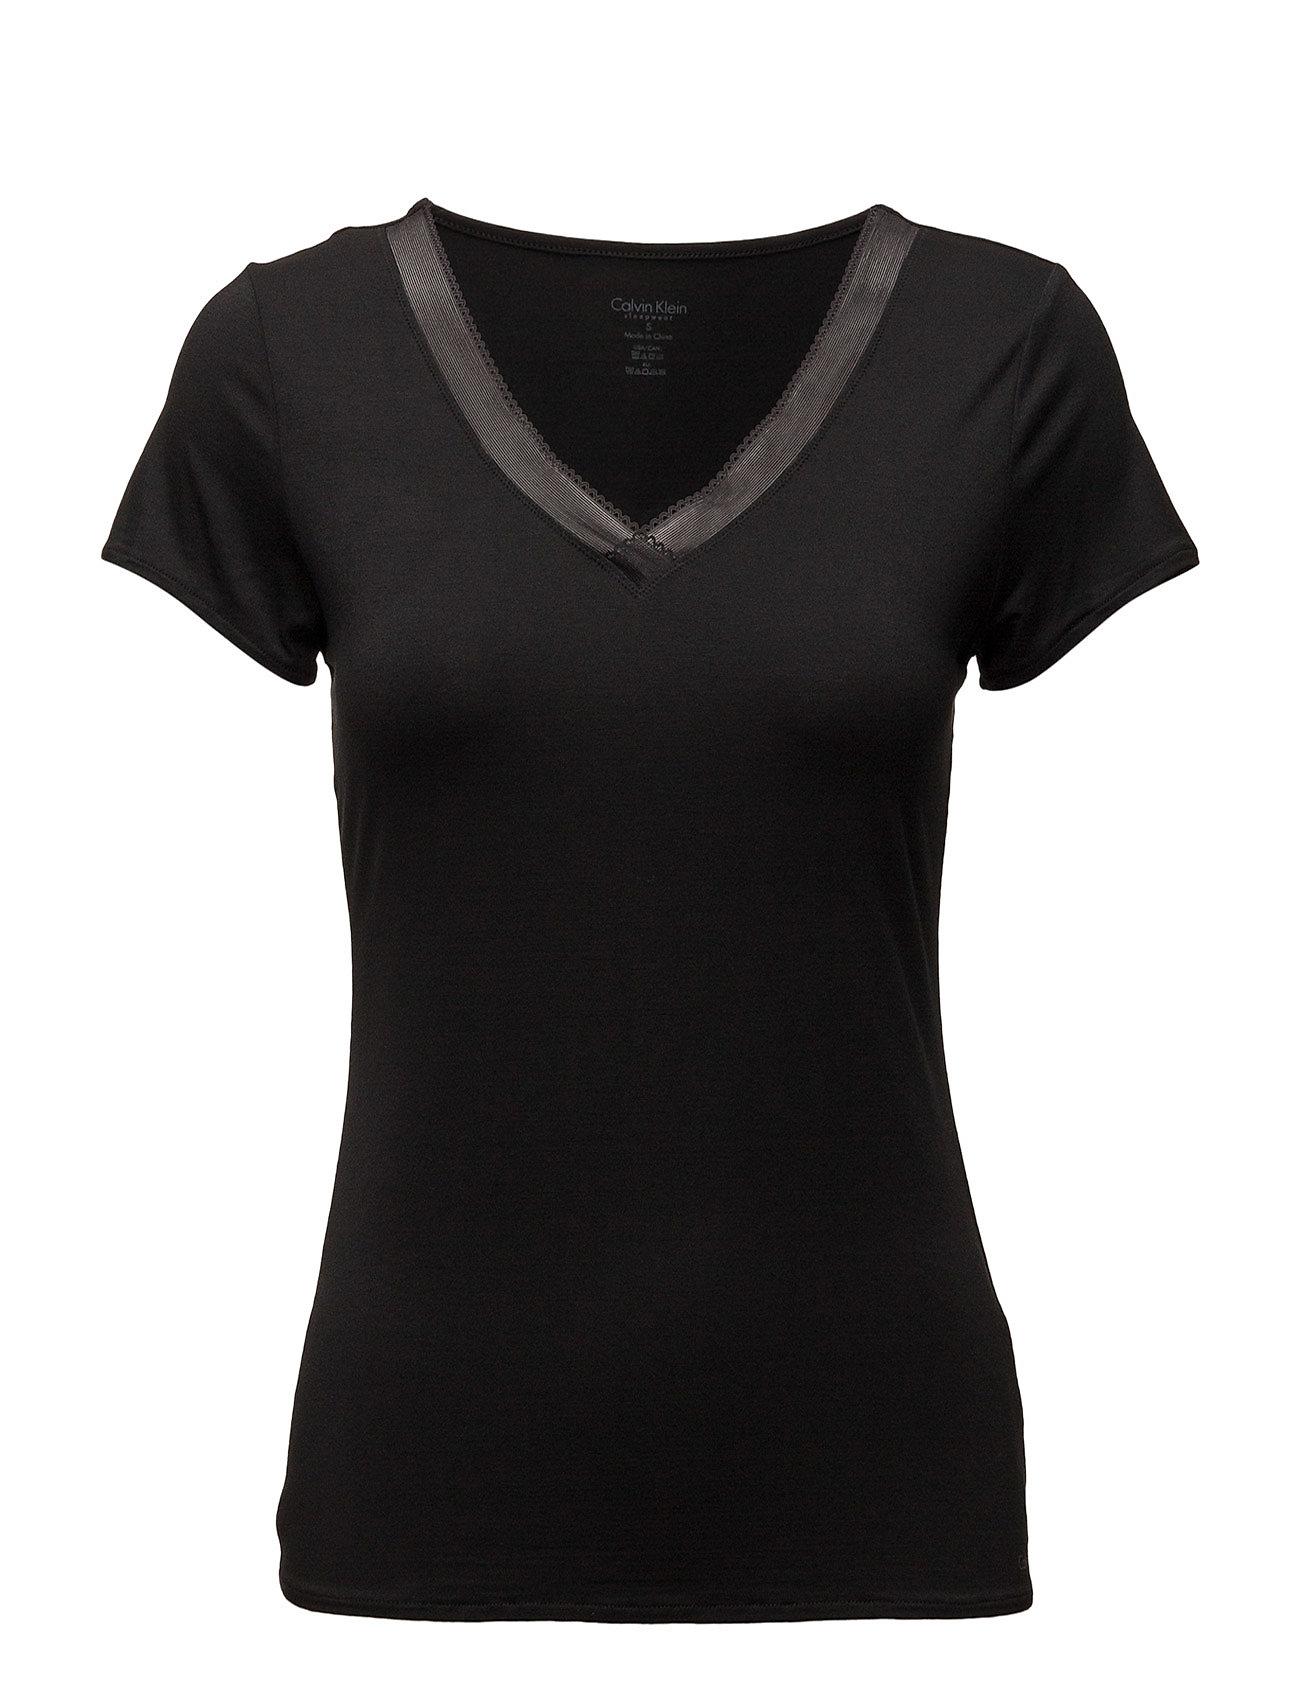 Calvin Klein S/S V NECK - BLACK